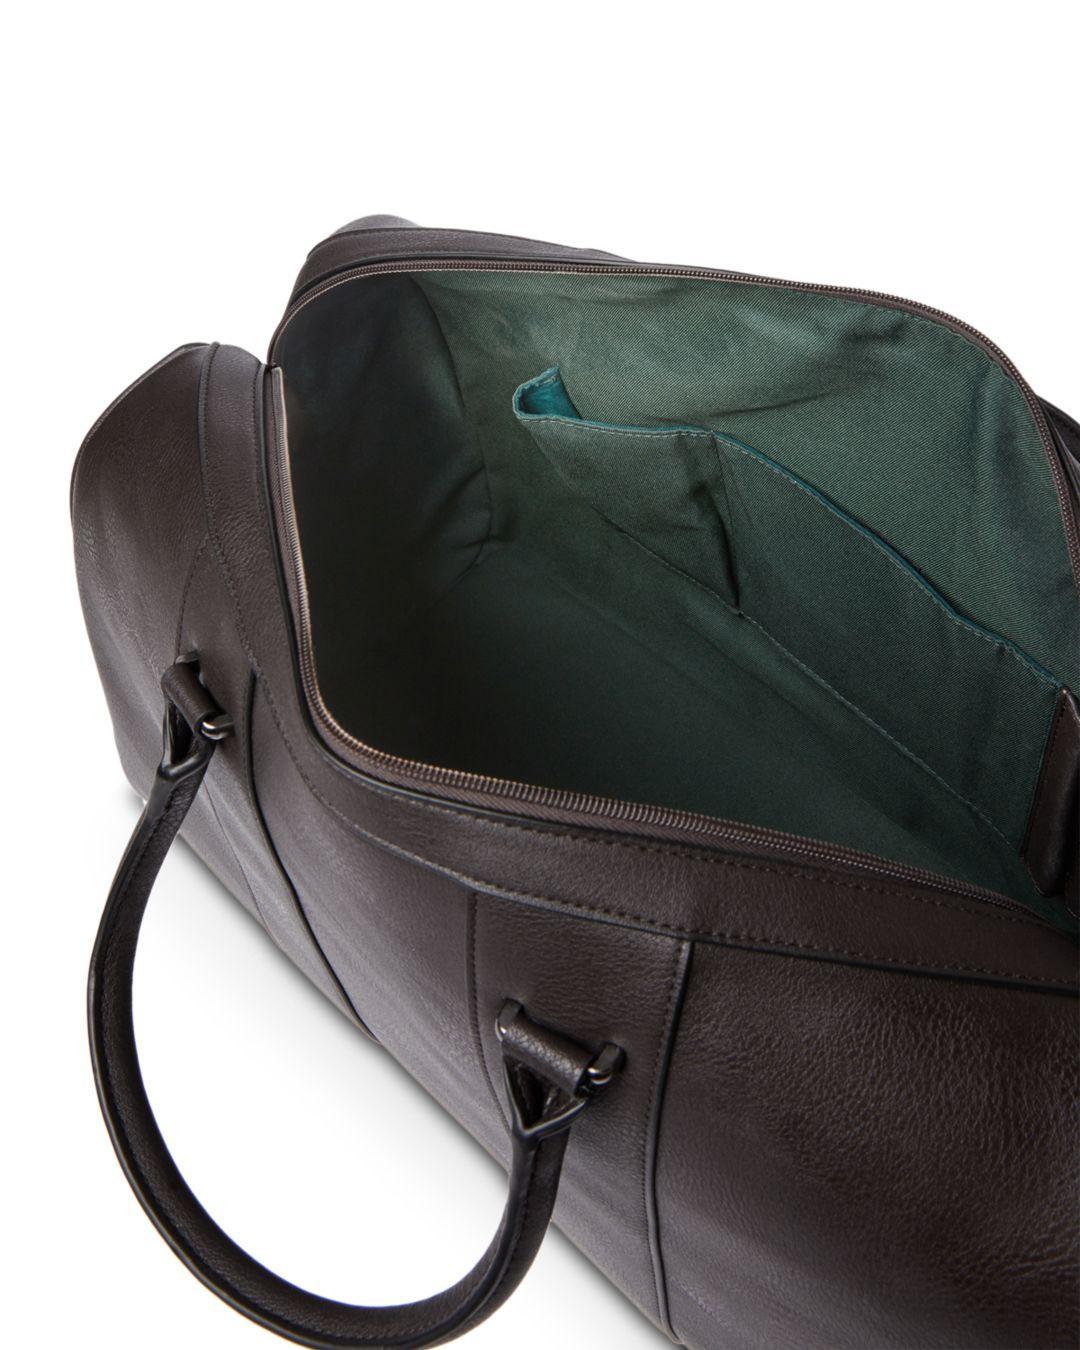 Drawstring Bag Houston Throwback Brodie Logo Gym Bag Sport Backpack Shoulder Bags Travel College Rucksack